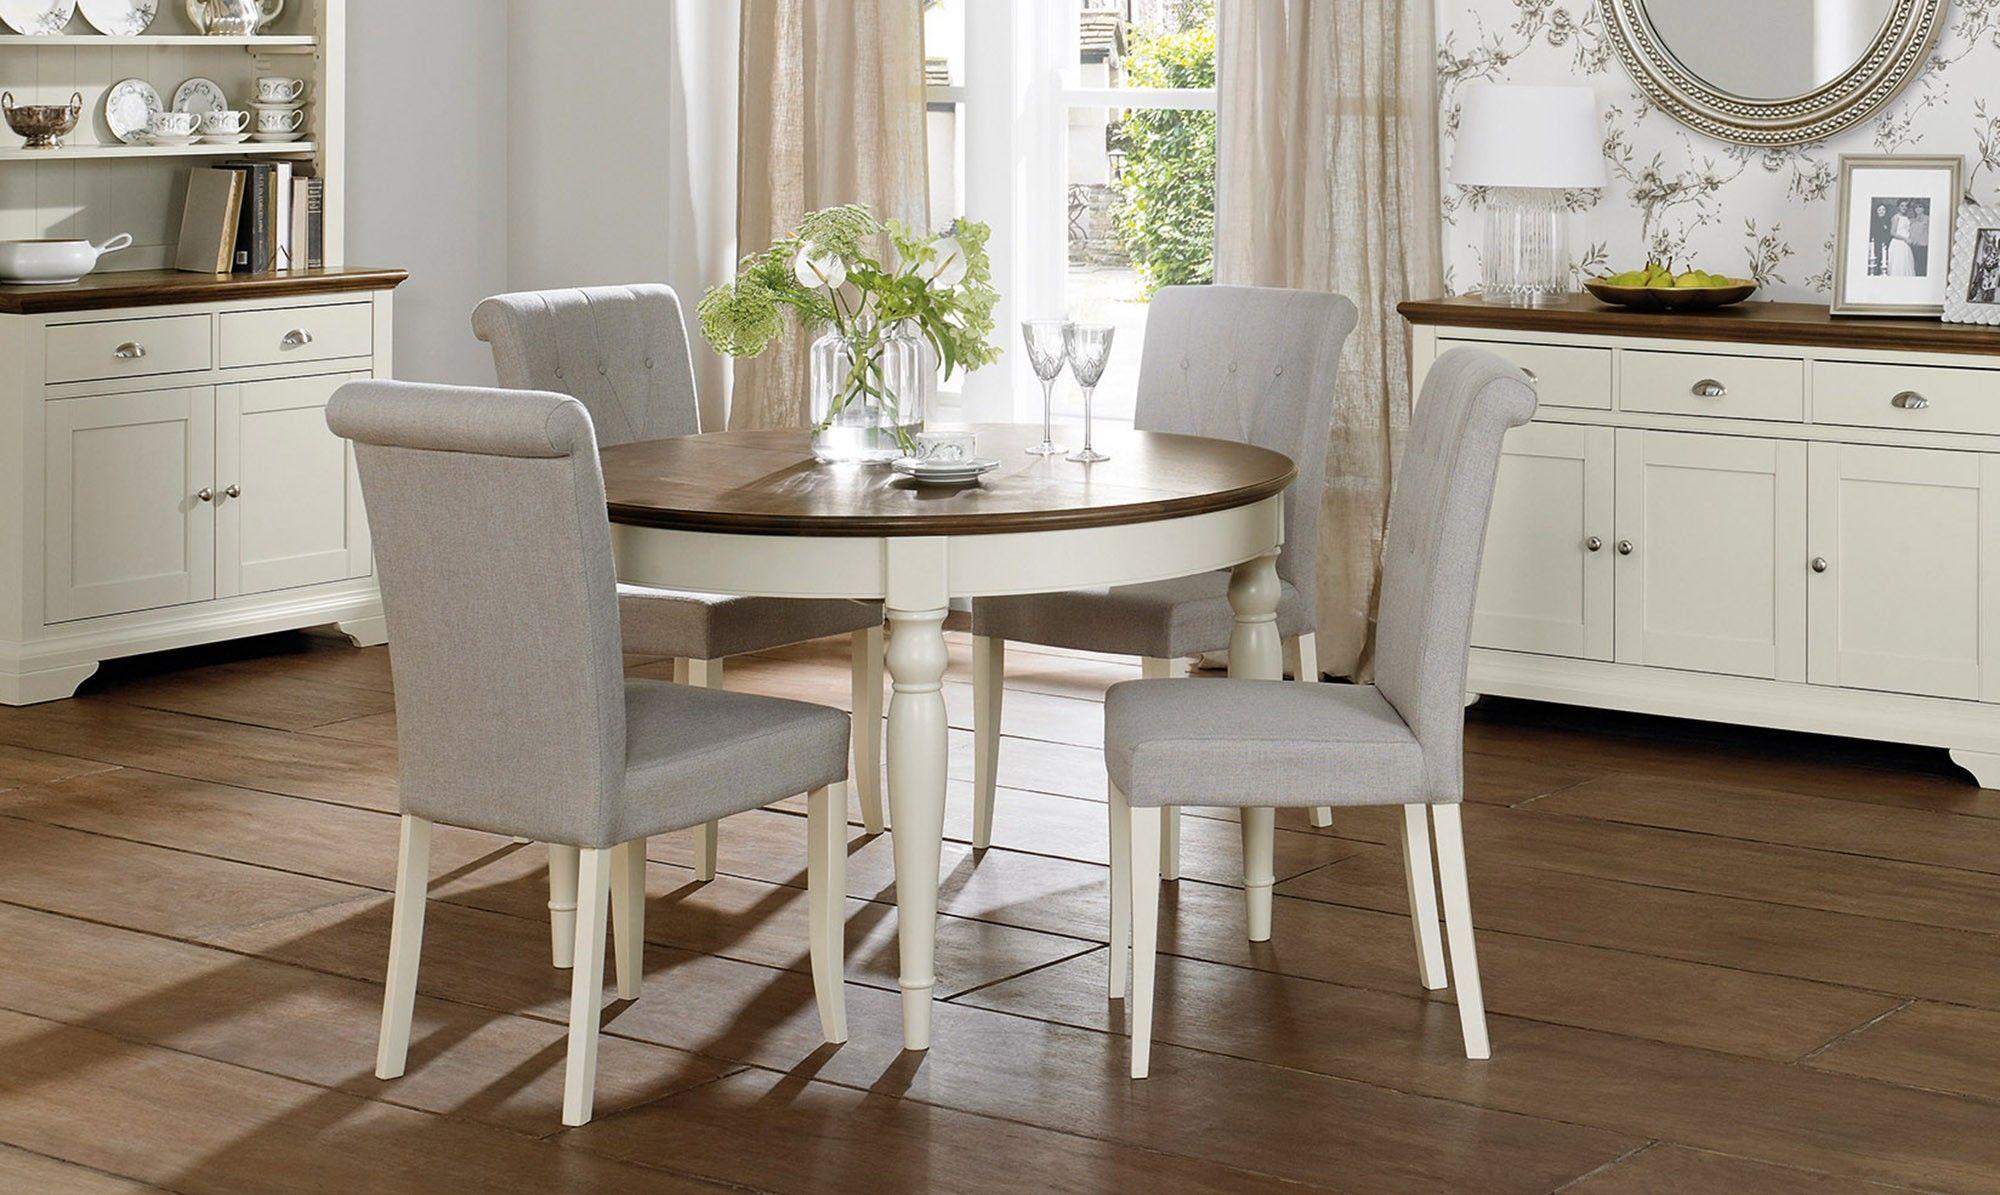 Beeindruckende 43+ Weiße, Runde Küche Tisch Design Ideen - | Möbel ...